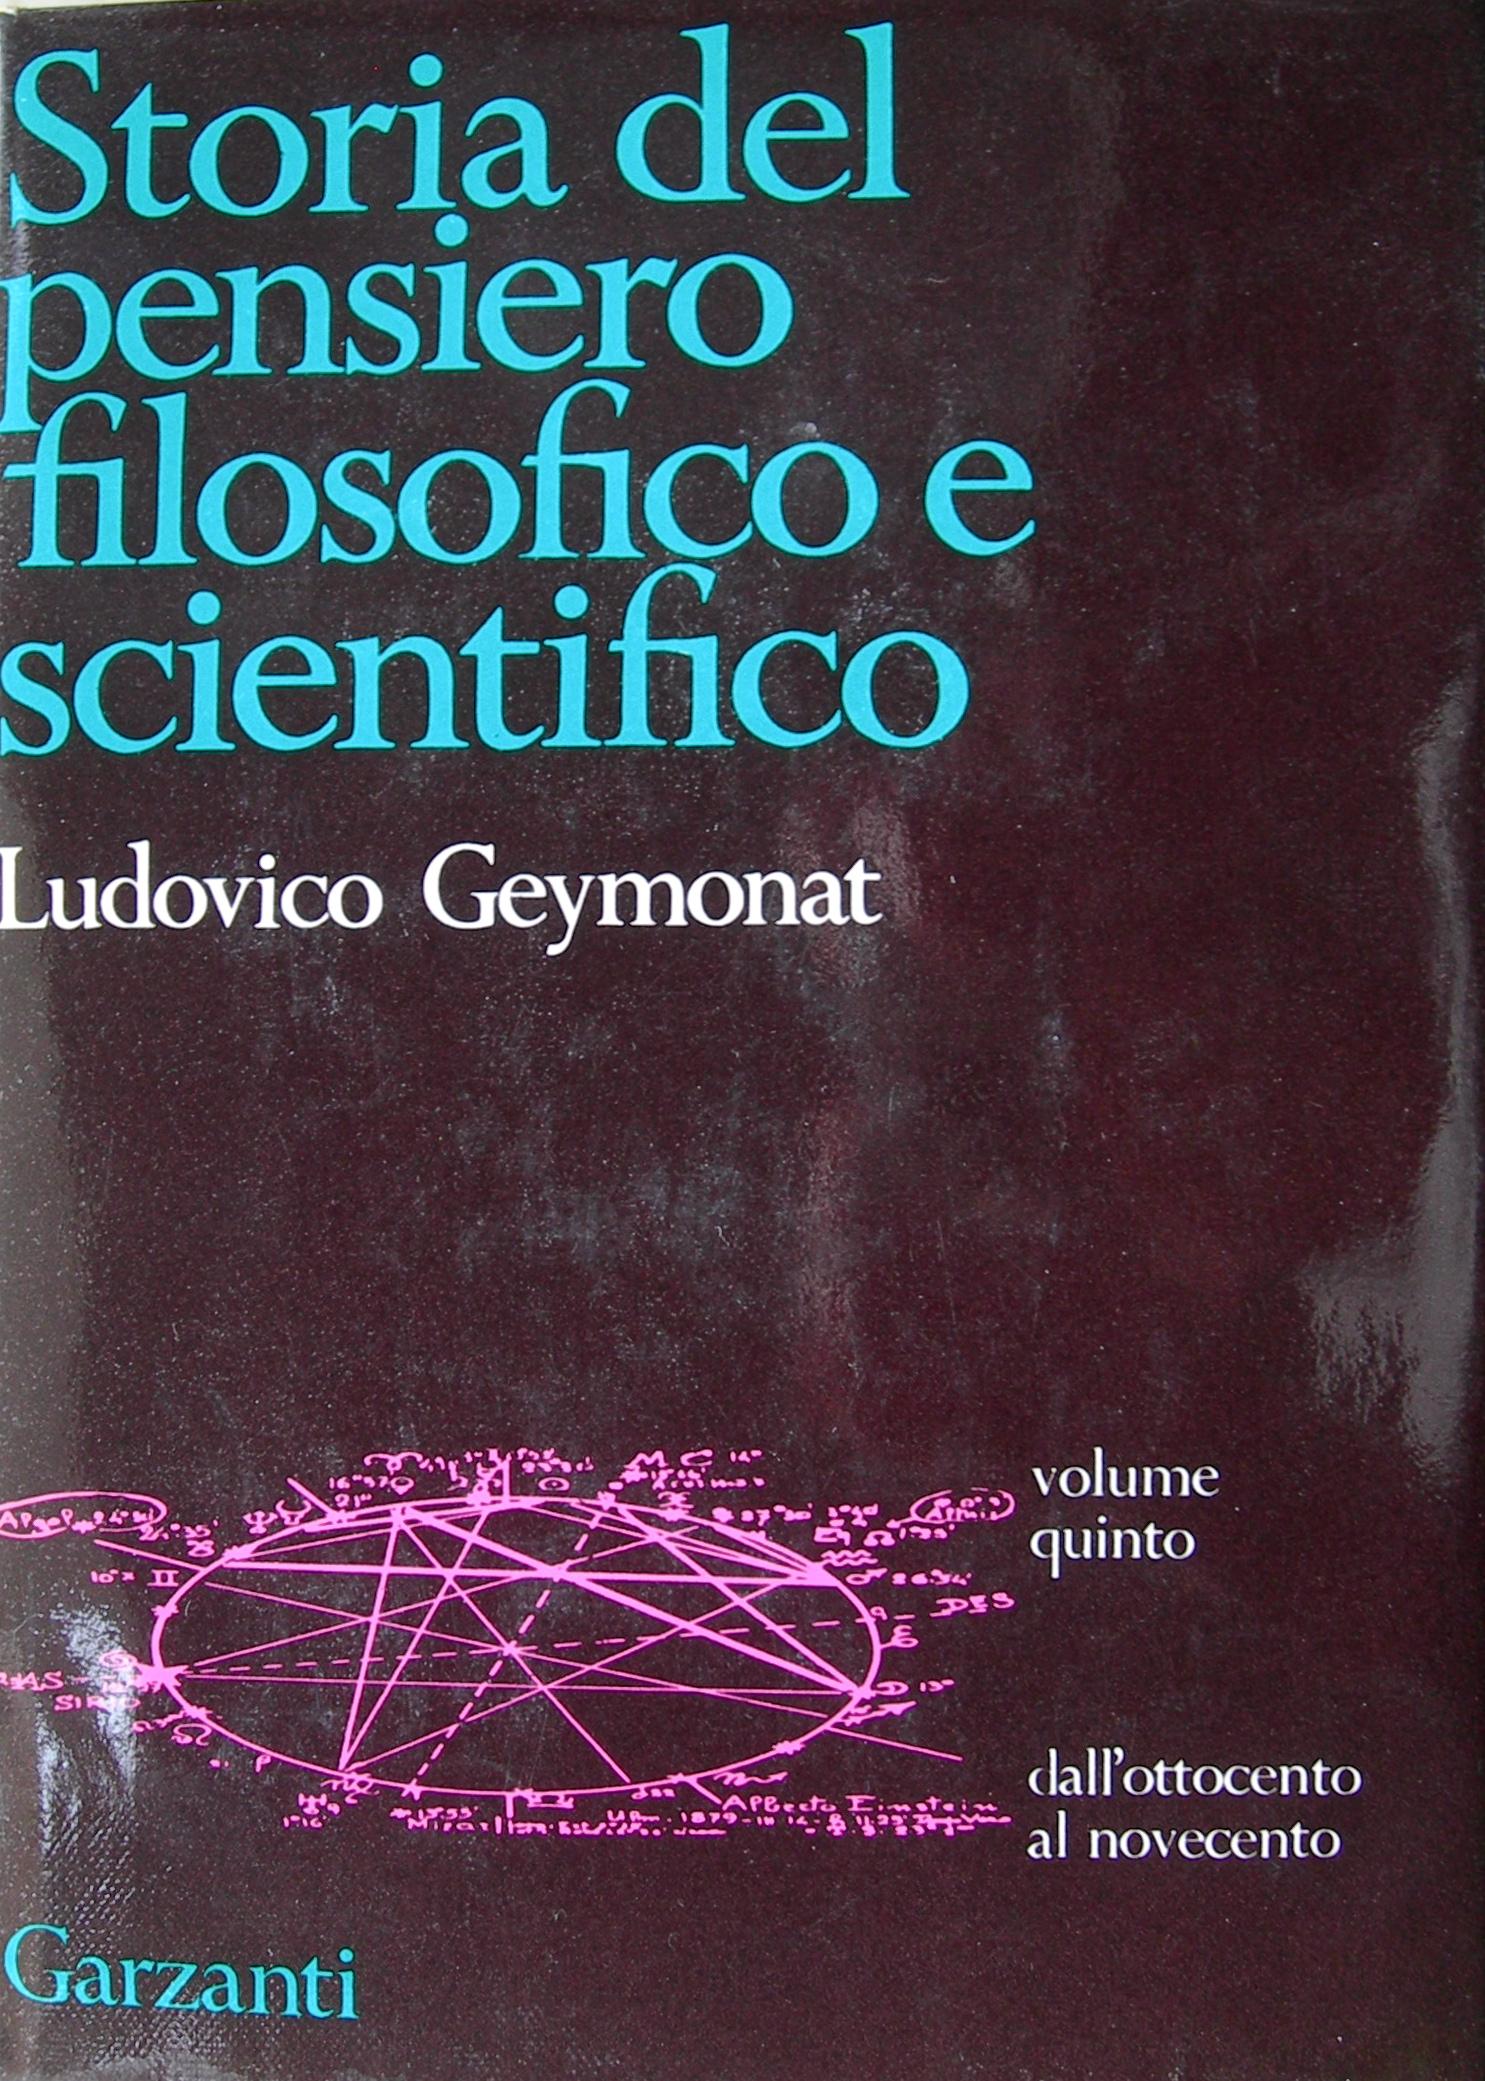 Storia del pensiero filosofico e scientifico - 5